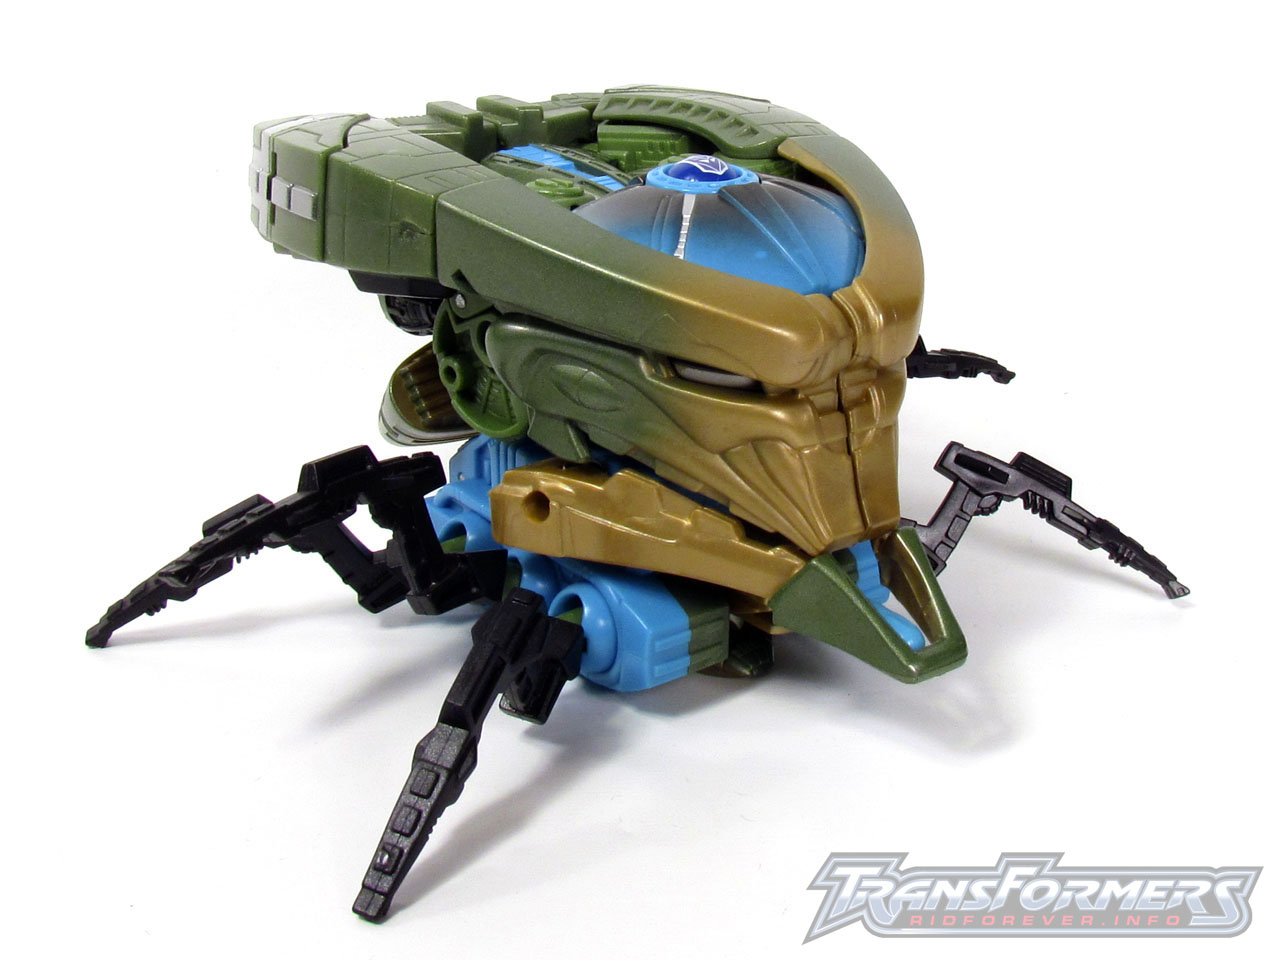 RID Megabolt Megatron Green 014